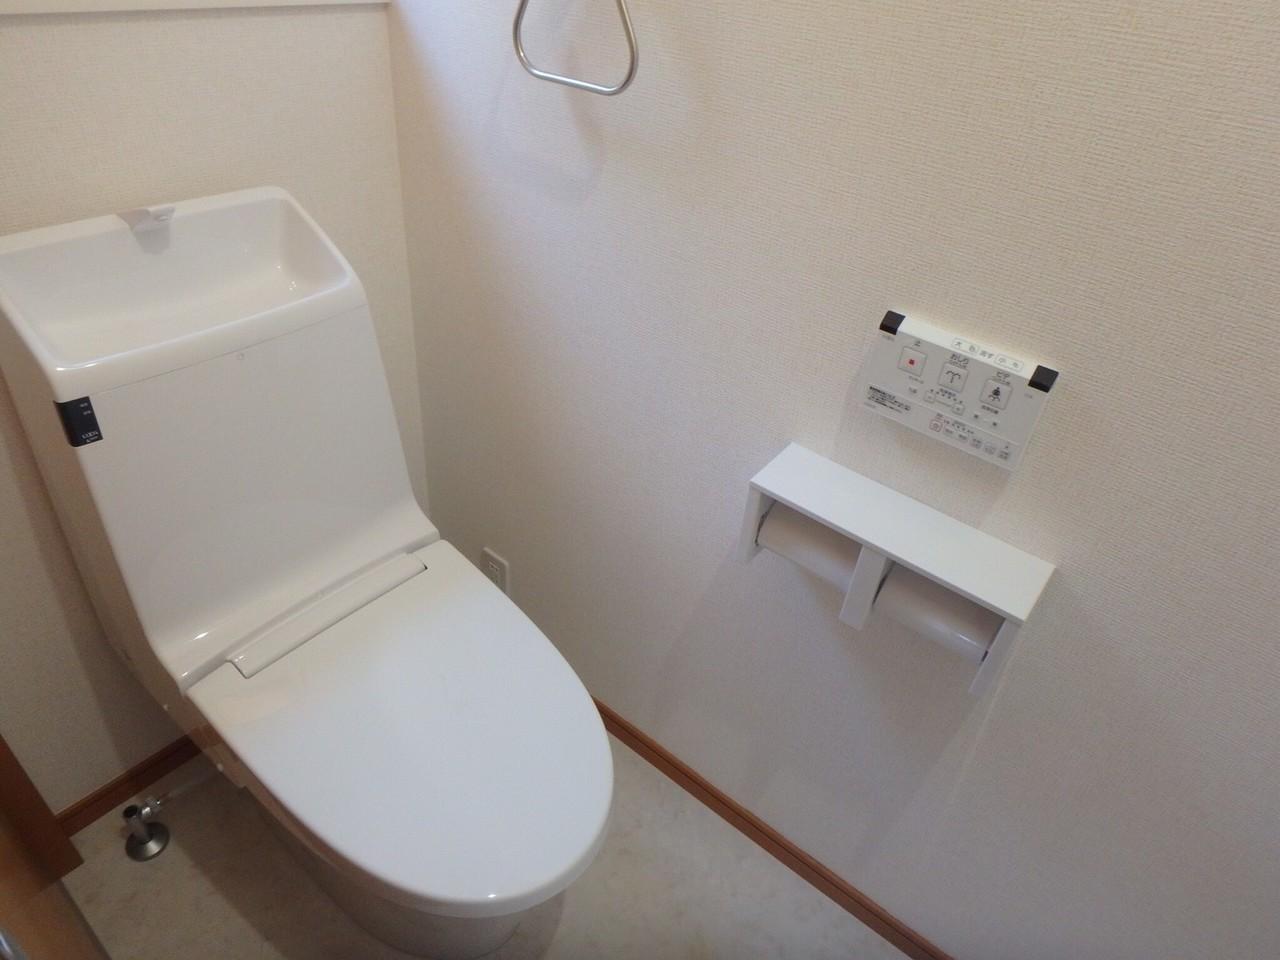 廊下の突き当たりには、トイレがあります。 廊下にあることで、リビングを空間を隔てているため、ホッとできる空間になっていると思います。